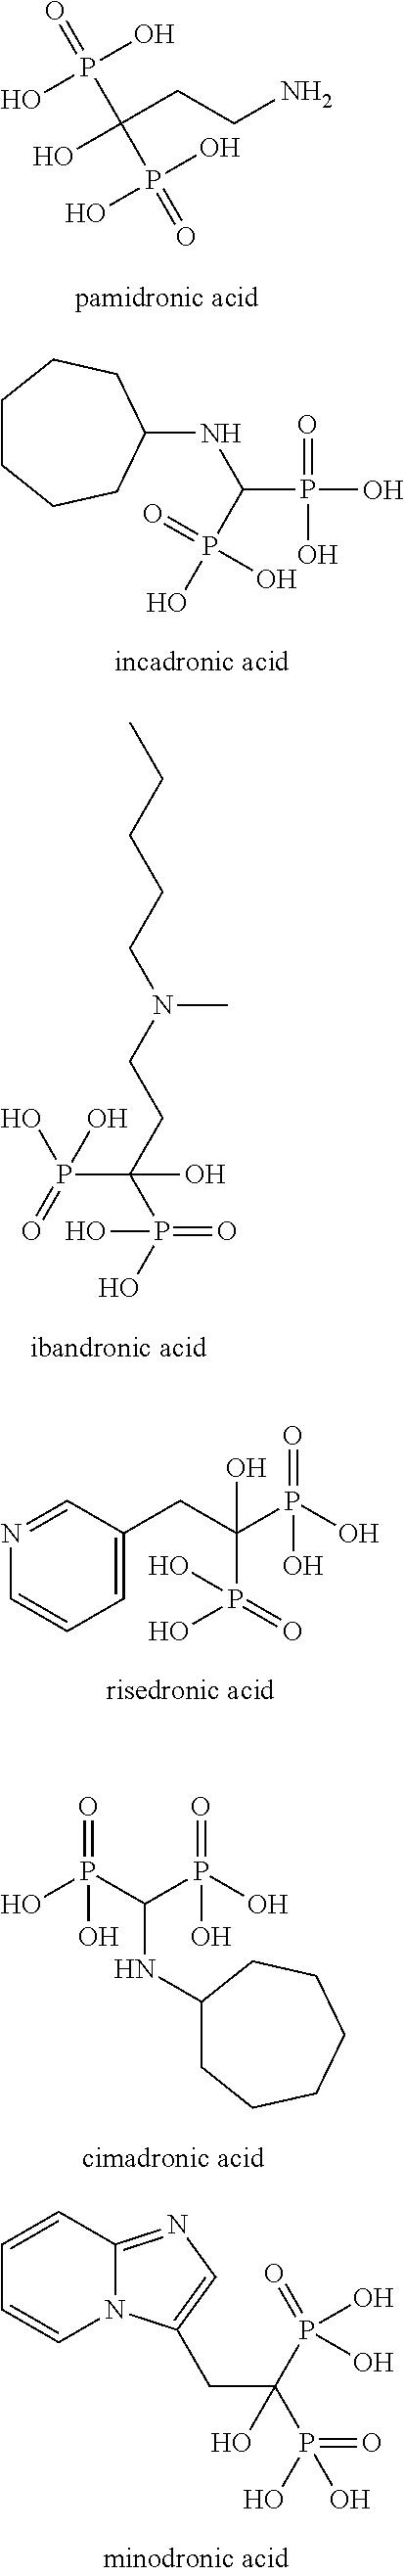 Figure US10016446-20180710-C00005